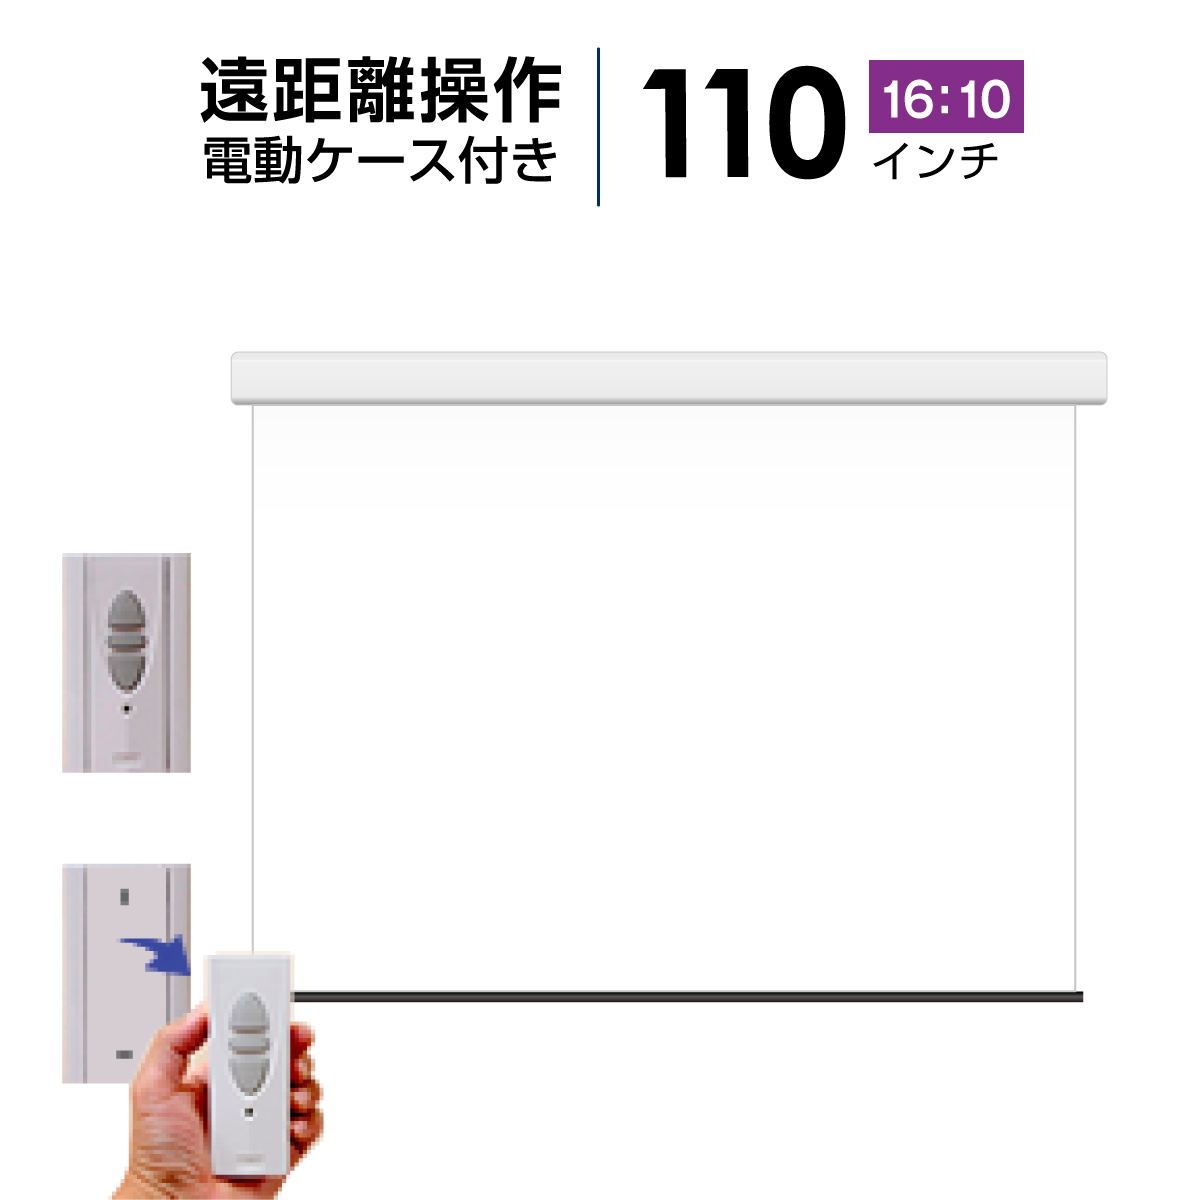 プロジェクタースクリーン 電動遠距離ケース付きタイプ110インチ(16:10) マスクフリー WCR2369FEH